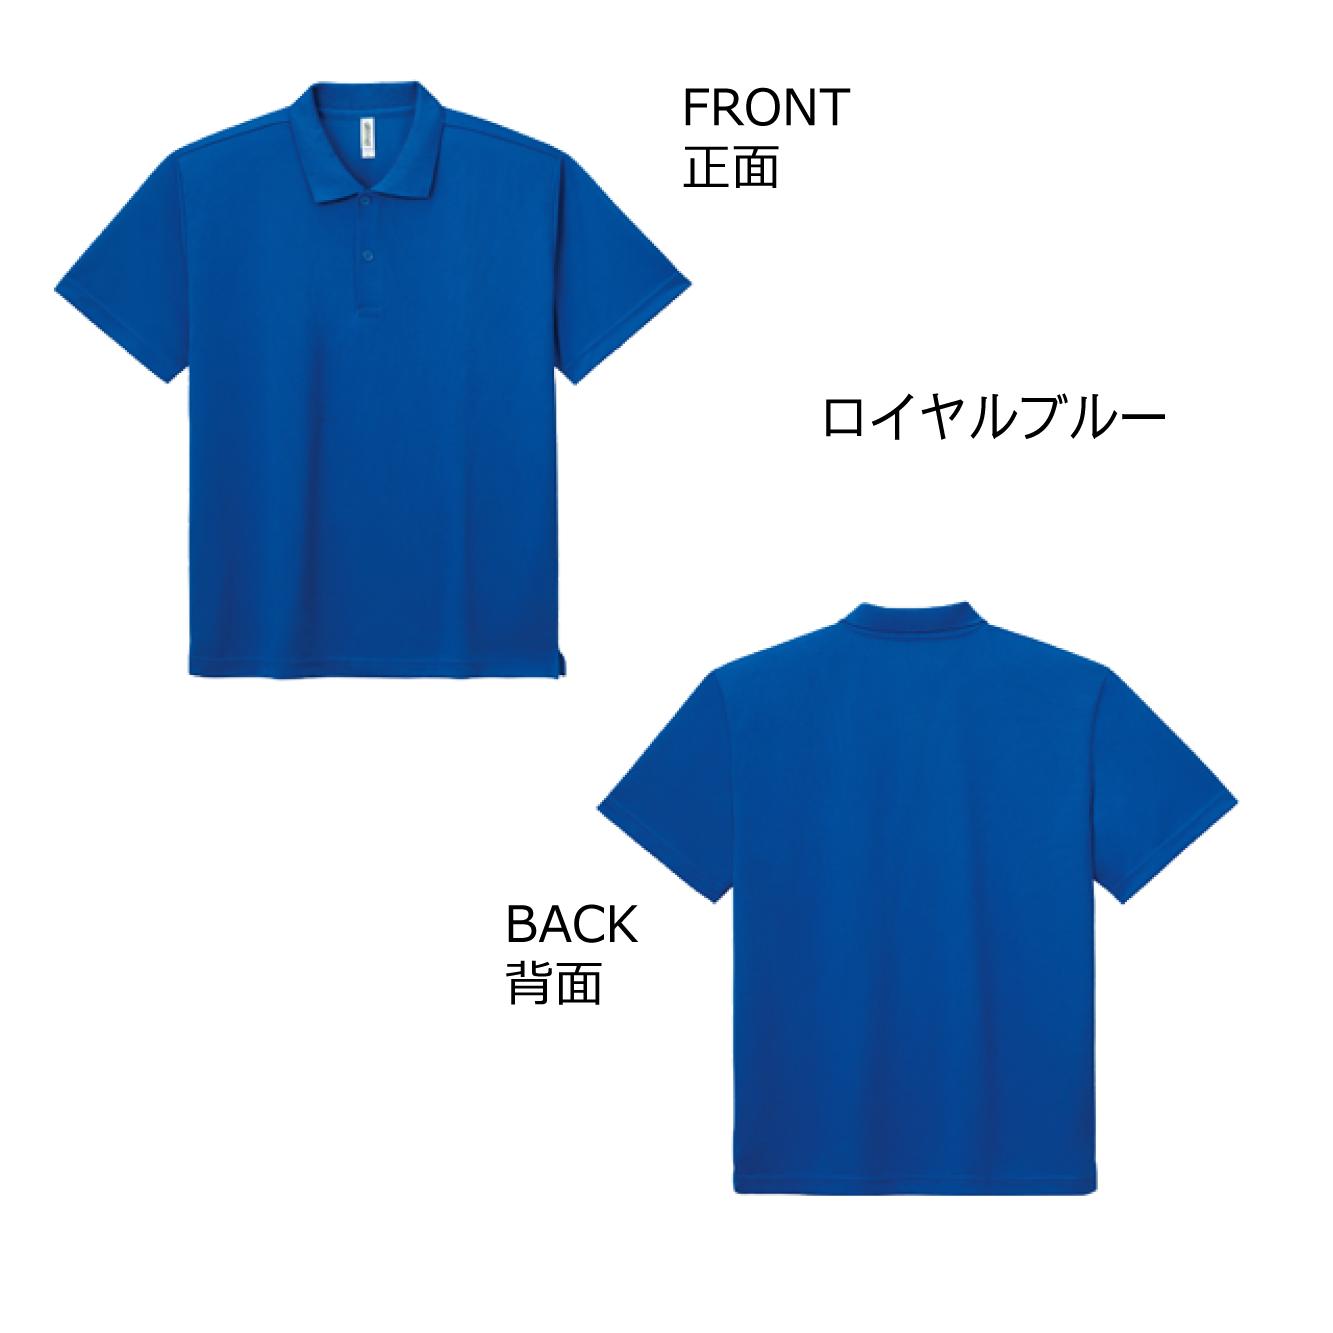 オリジナルプリント 1850円 ドライポロシャツ ロイヤルブルー